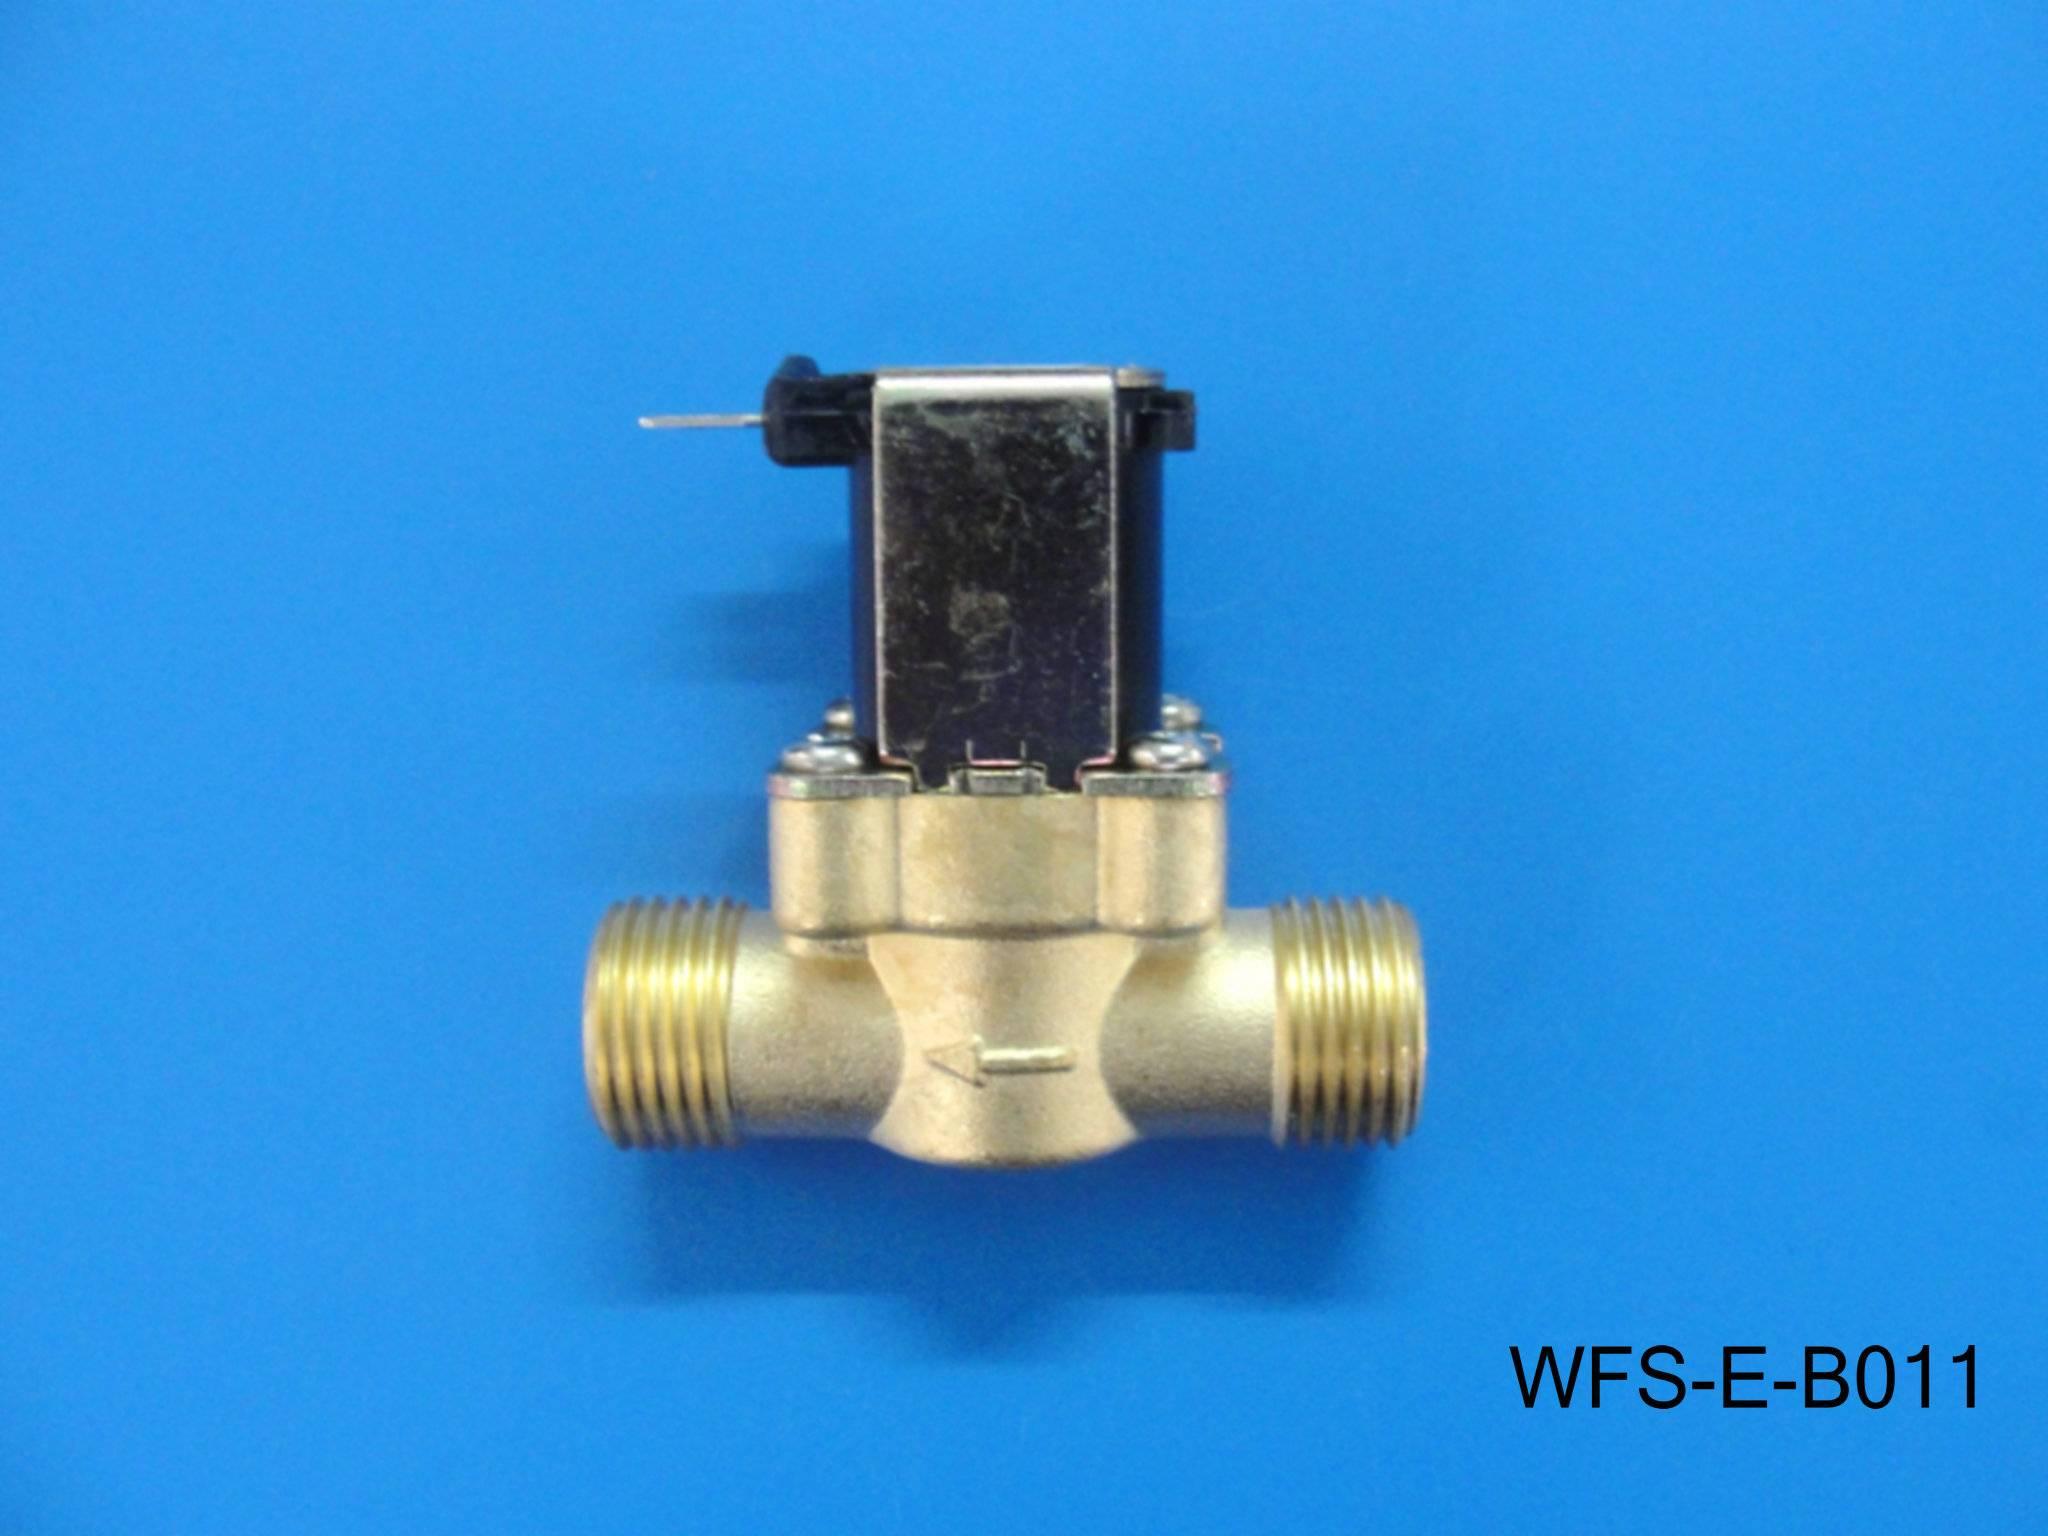 High temperature resistant all copper water flow sensor WFS-E-B011